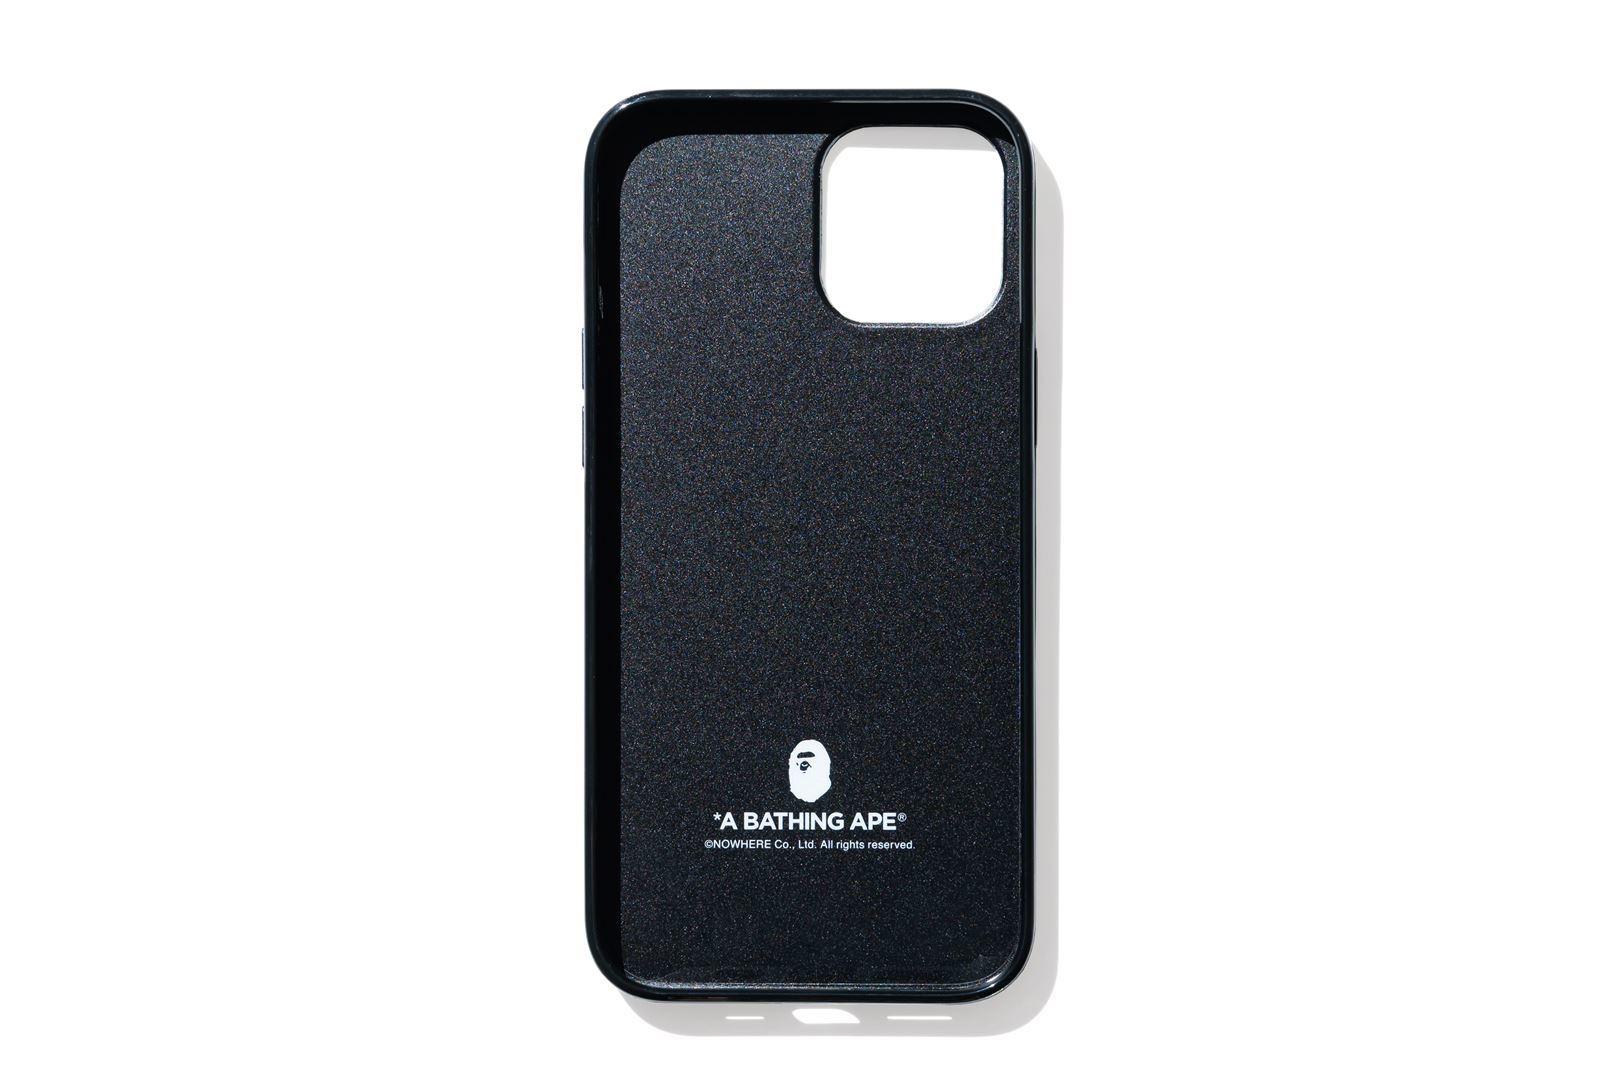 ABC CAMO iPhone 12 / 12 PRO / 12 PRO MAX / 12 MINI CASE_a0174495_13565852.jpg